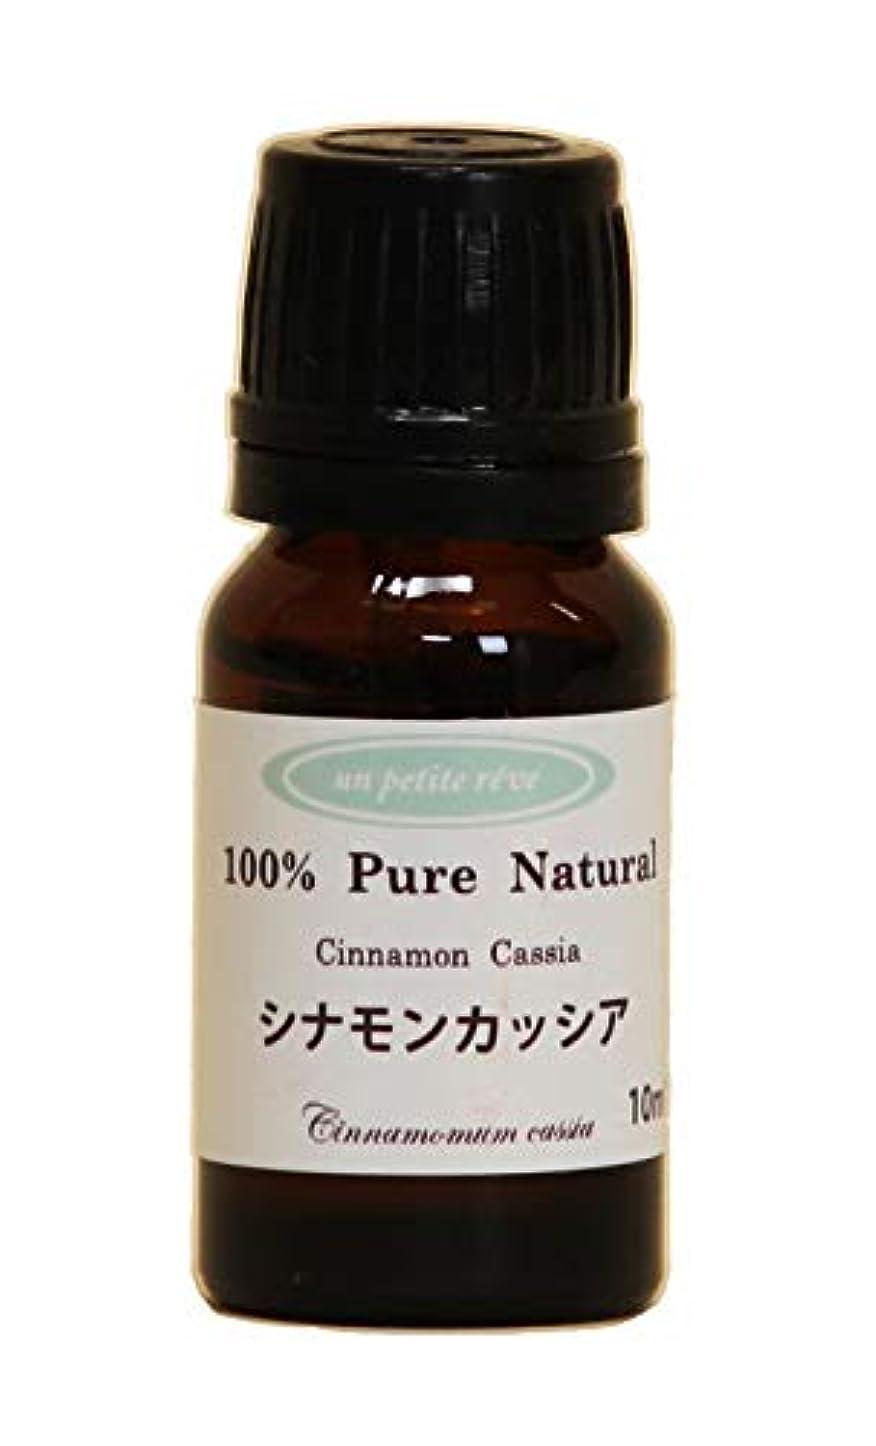 汗効能ある意図シナモンカッシア 10ml 100%天然アロマエッセンシャルオイル(精油)